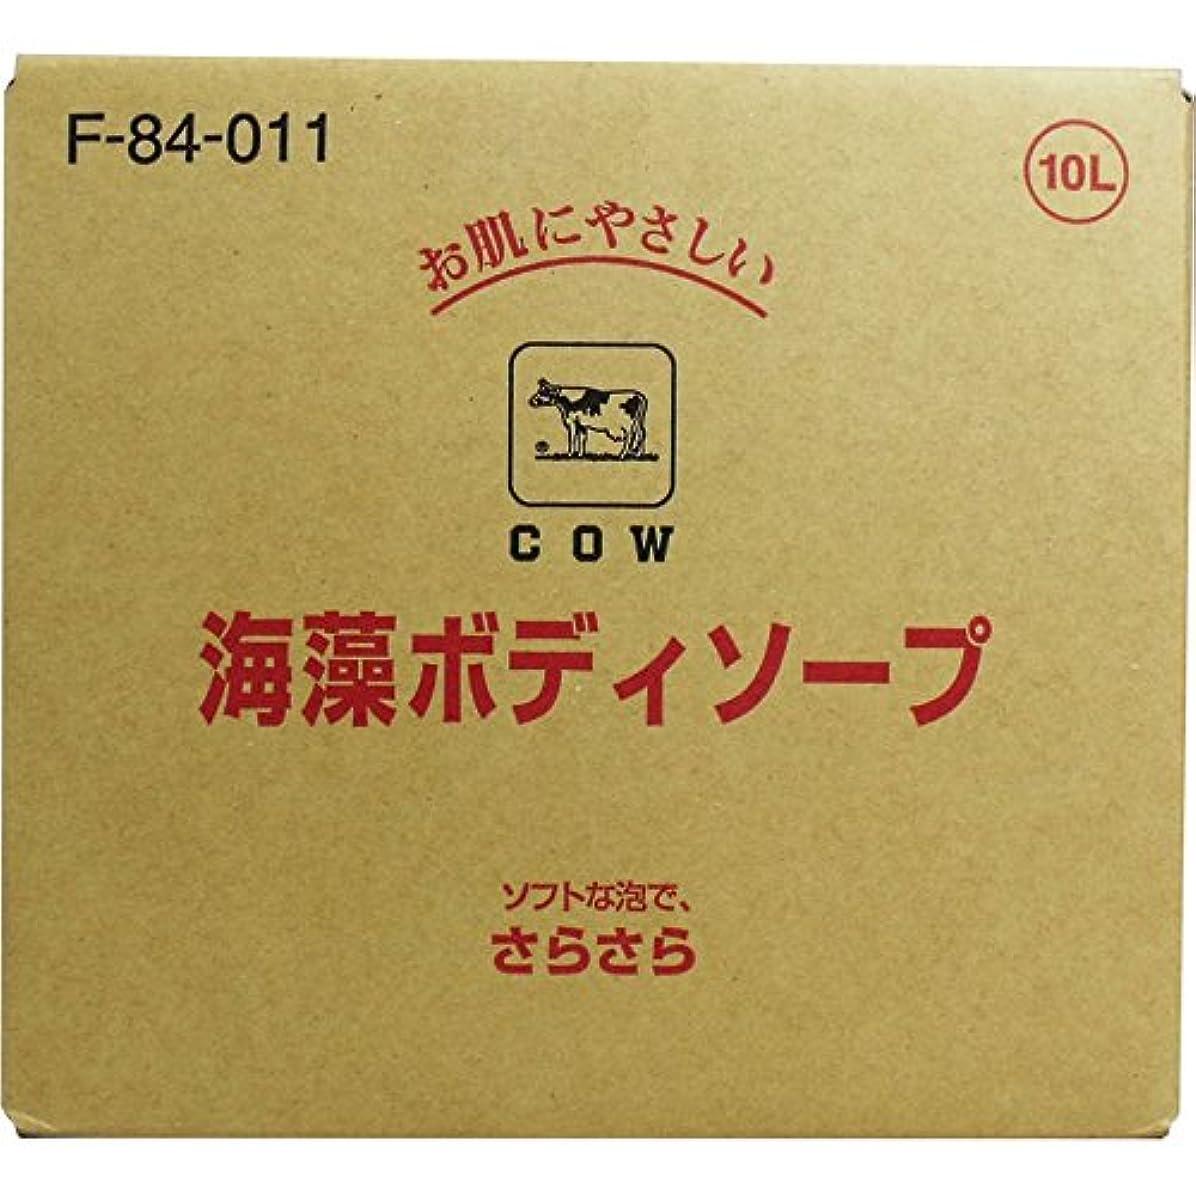 四運命的な母ボディ 石けん詰め替え さらさらした洗い心地 便利商品 牛乳ブランド 海藻ボディソープ 業務用 10L